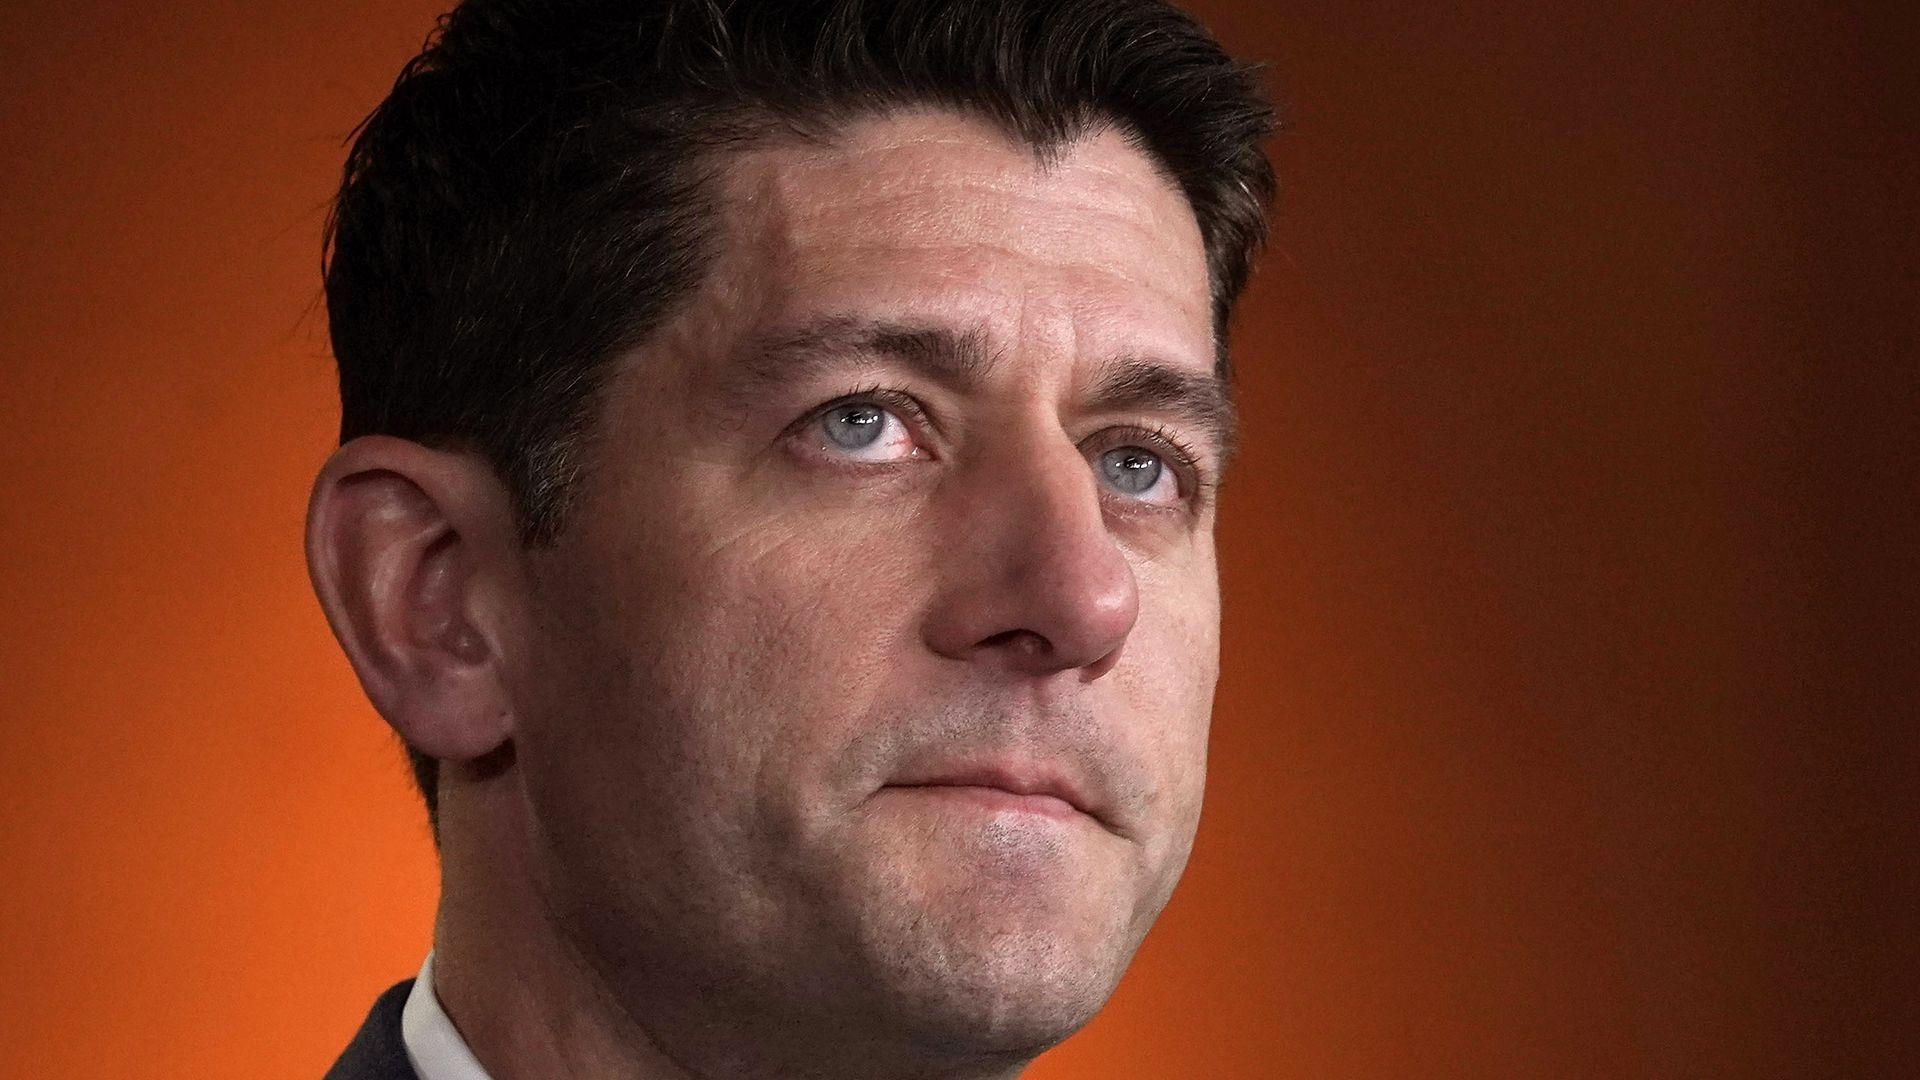 Paul Ryan looking up